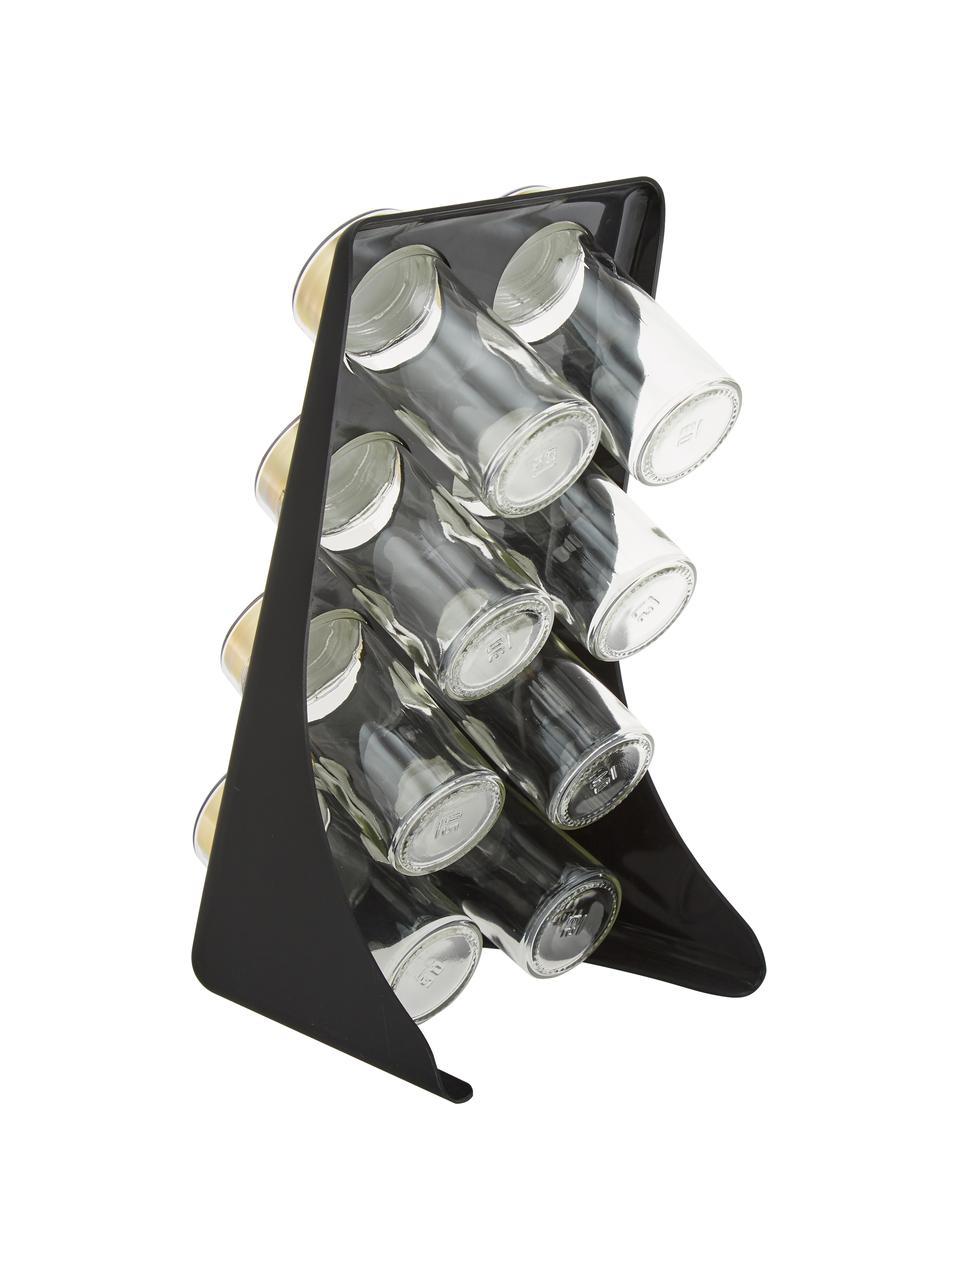 Portaspezie Master Class, set di 9, Contenitore: vetro, metallo, rivestito, Nero, ottonato, Larg. 13 x Alt. 26 cm